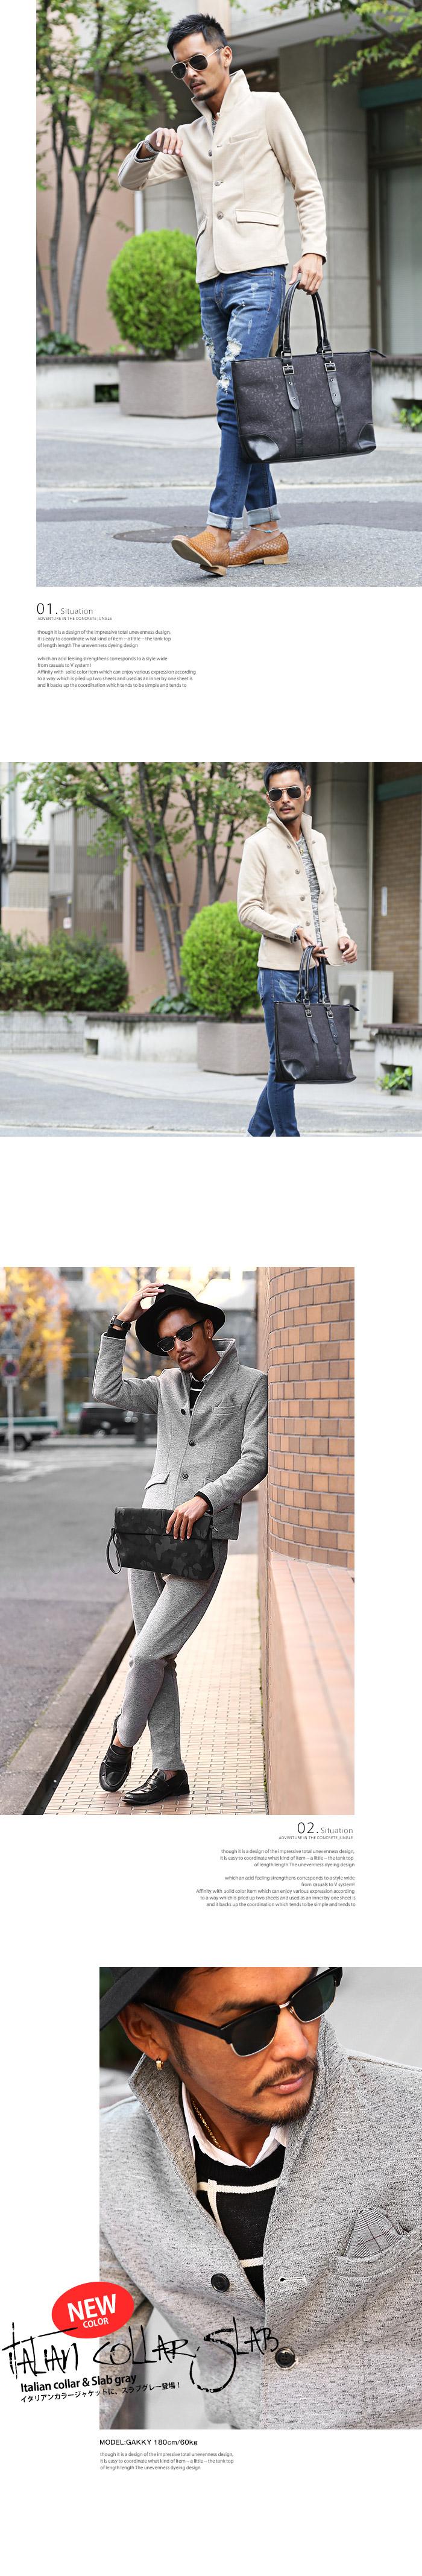 BITTER イタリアンカラー ジャケット テーラード スタンドカラー ポンチ スウェット 無地 細身 タイト アウター お兄系 ビター ファッション 服 通販 秋 冬 イメージ